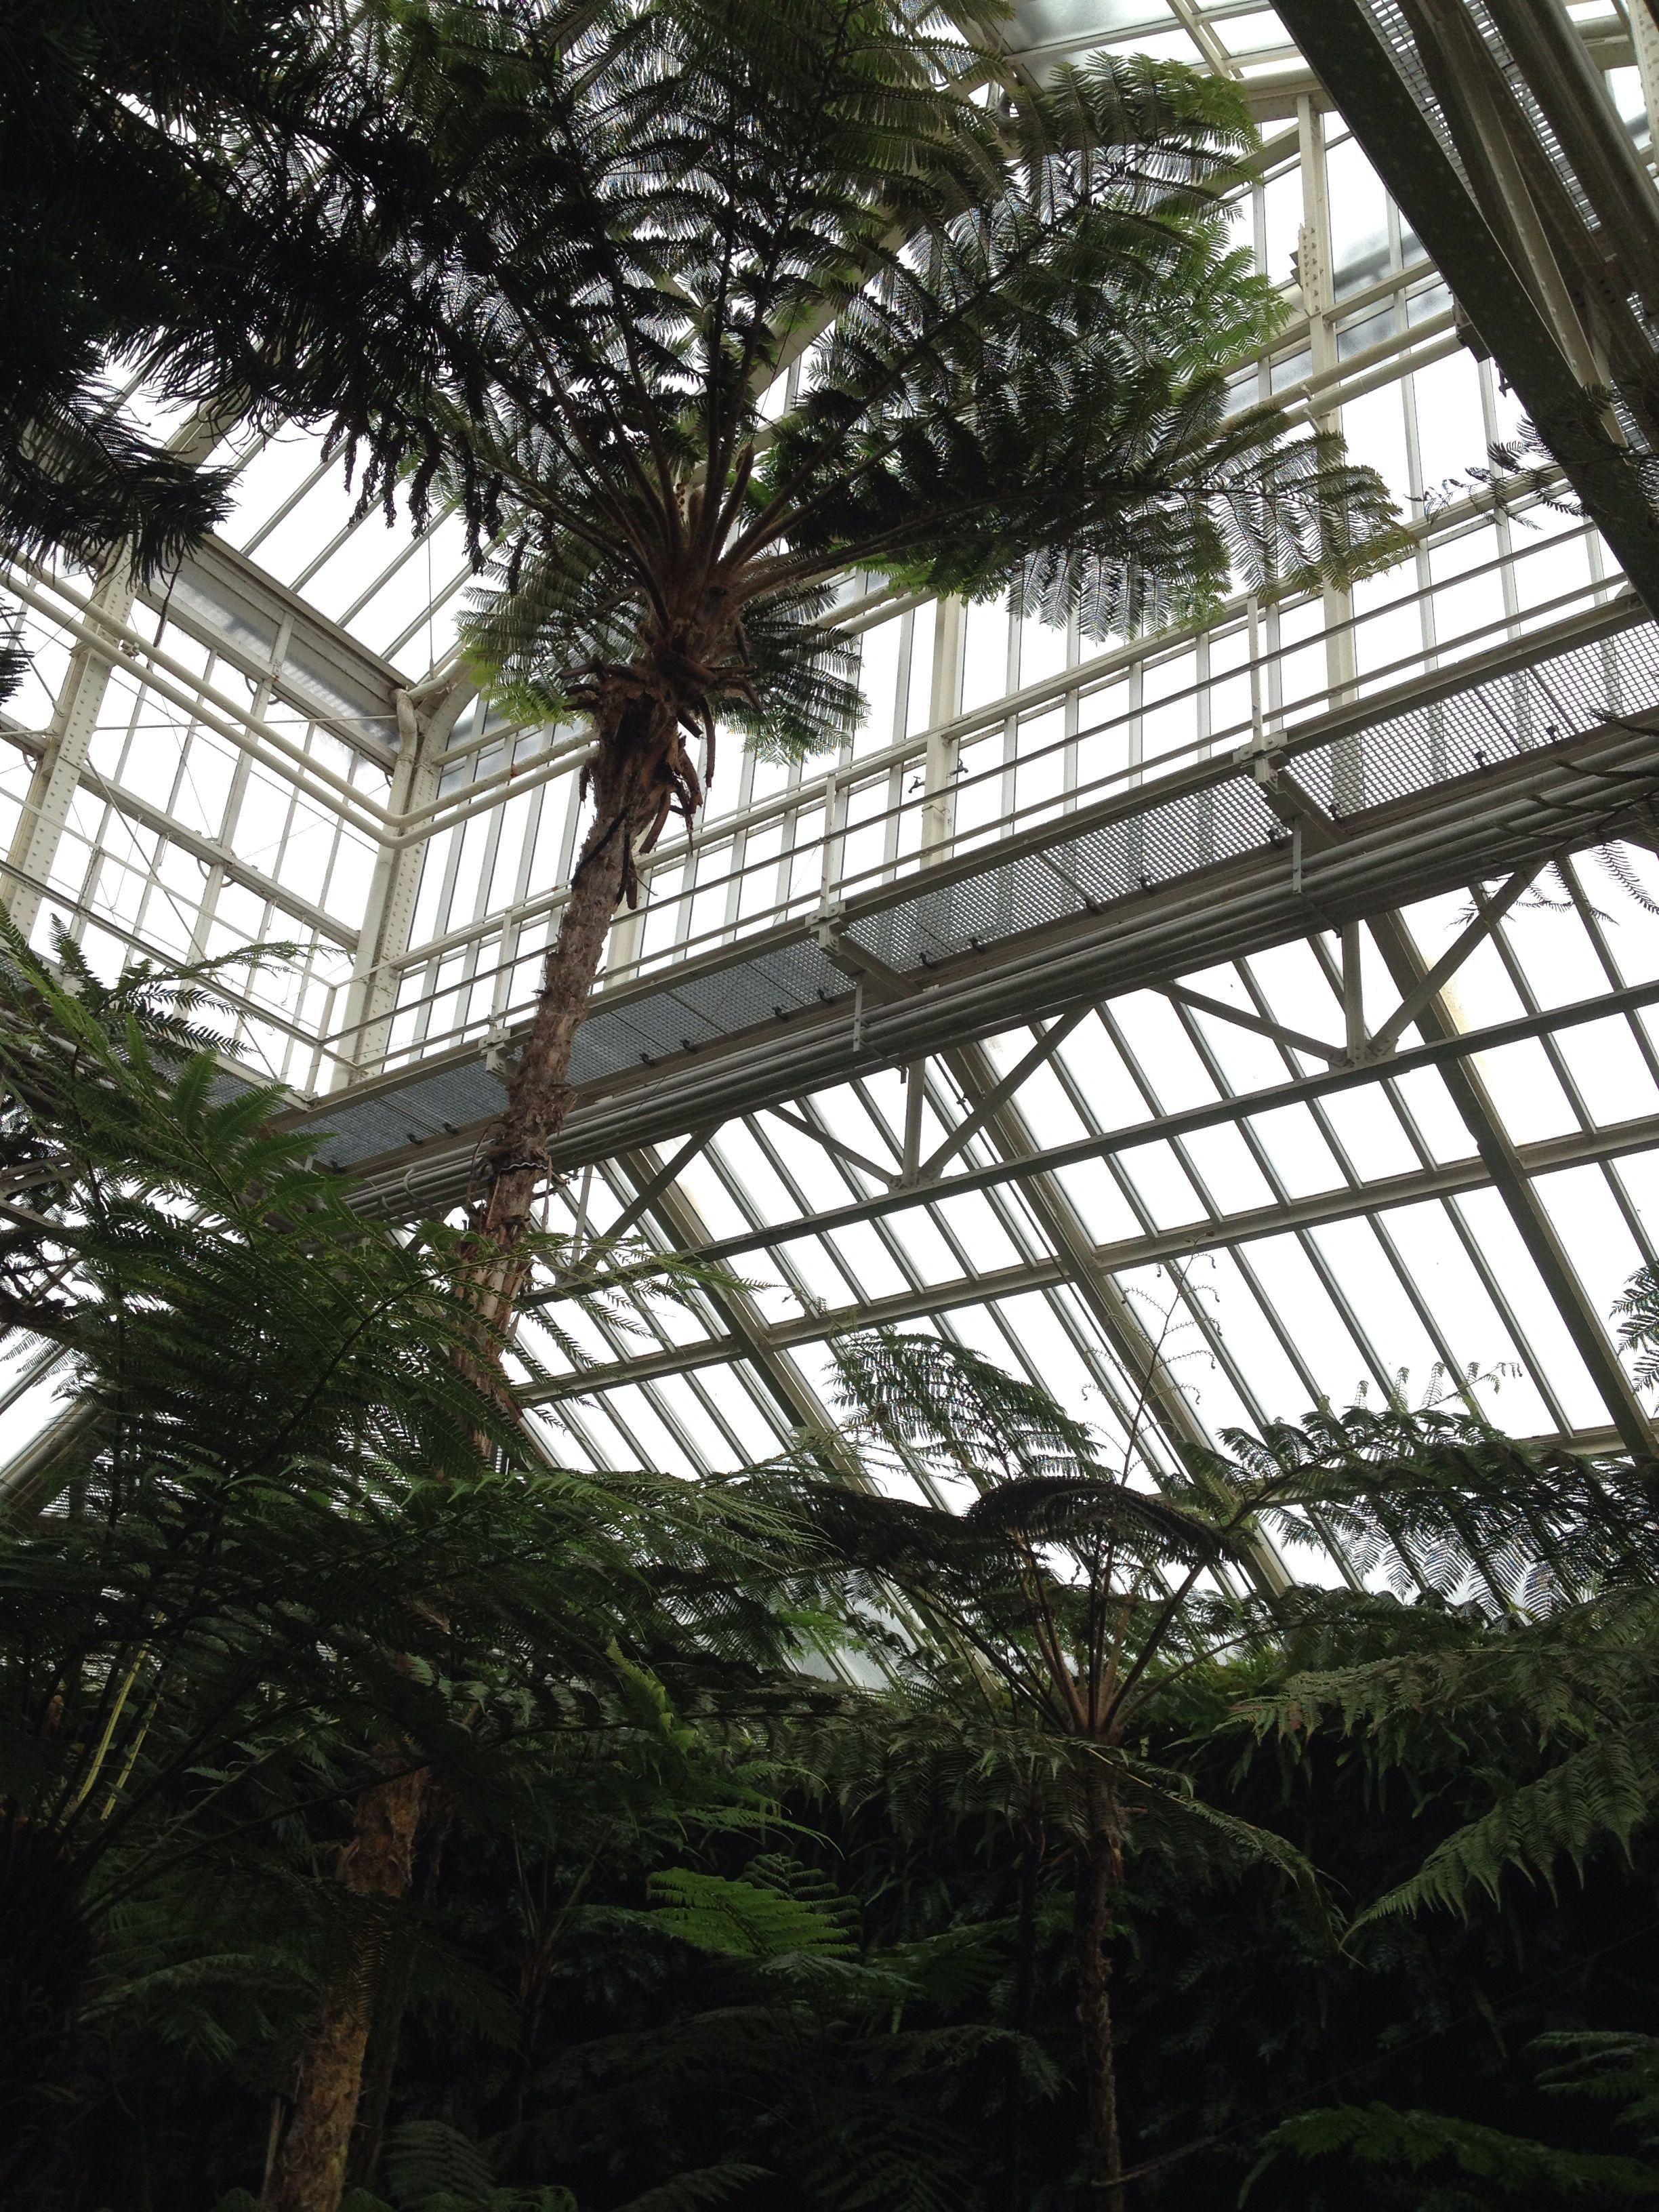 Botanischen Garten Berlin Dahlem